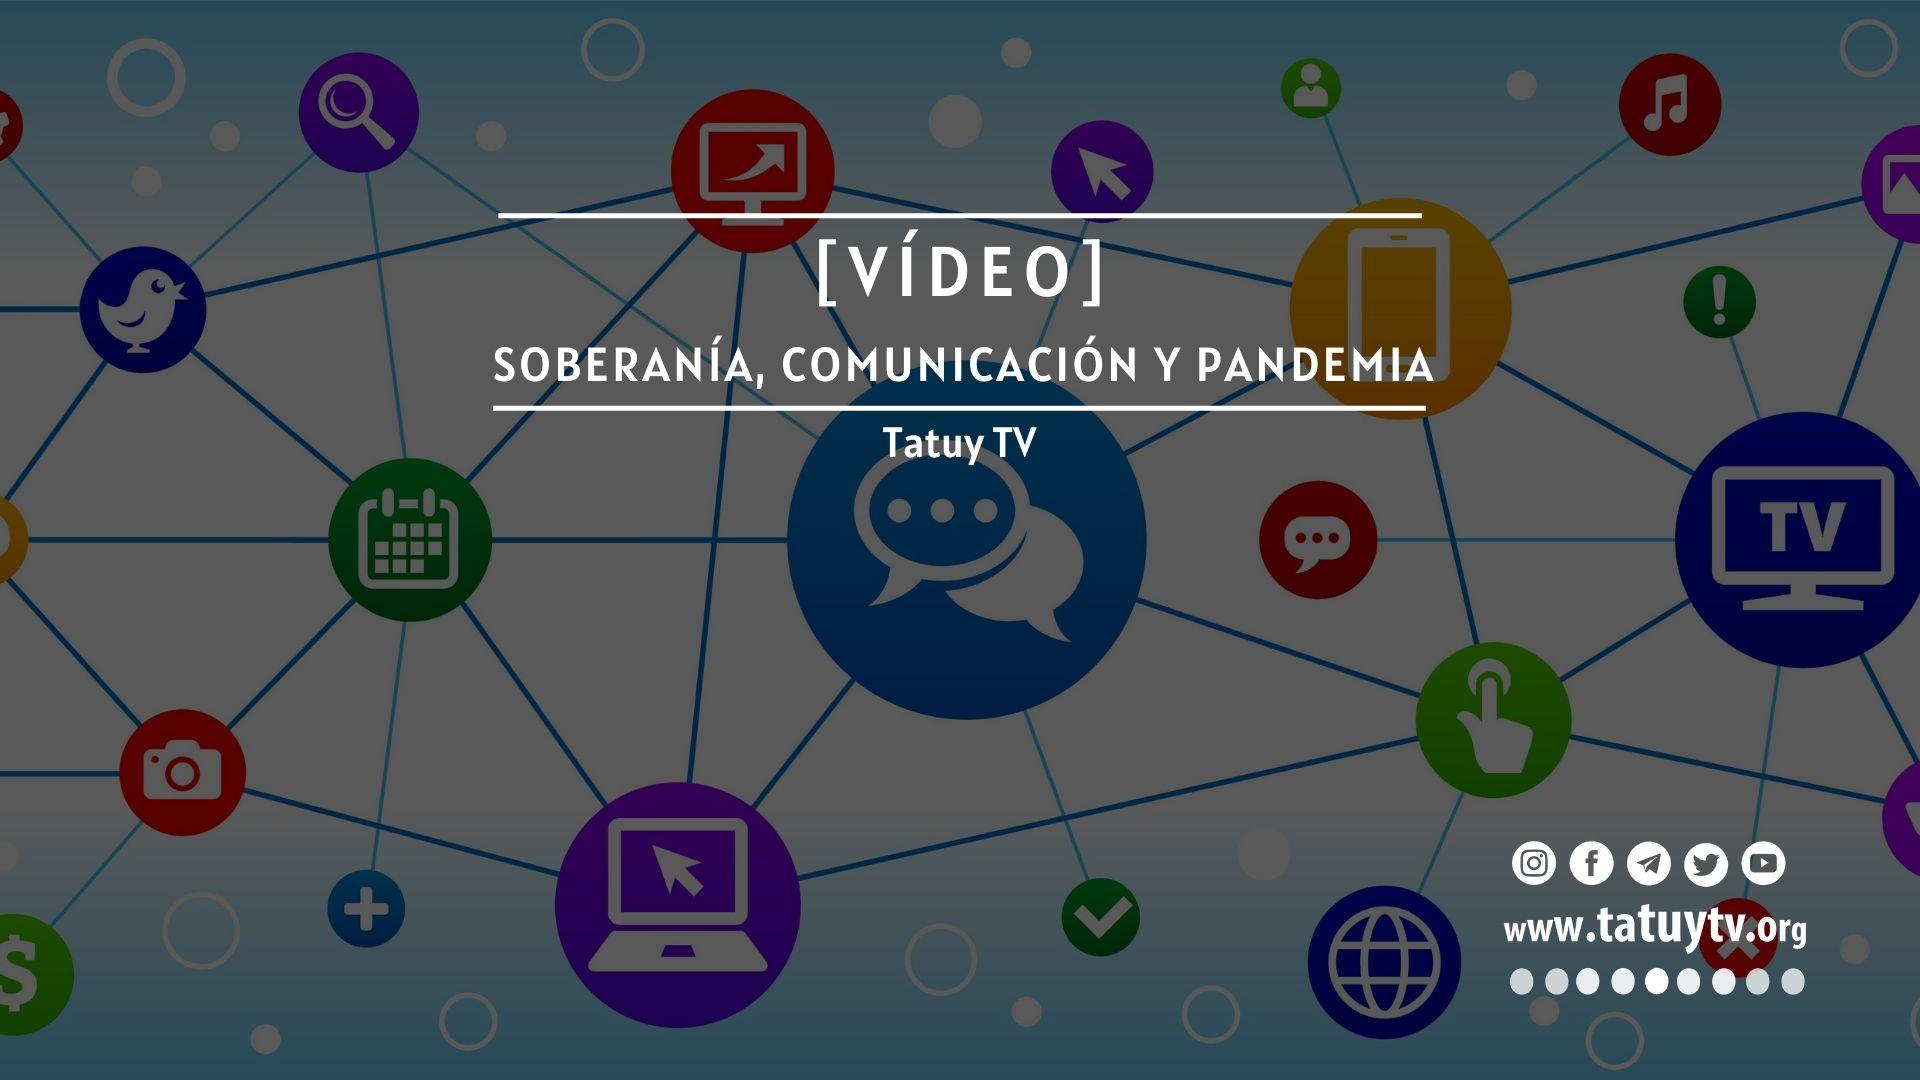 soberania, comunicación y pandemia